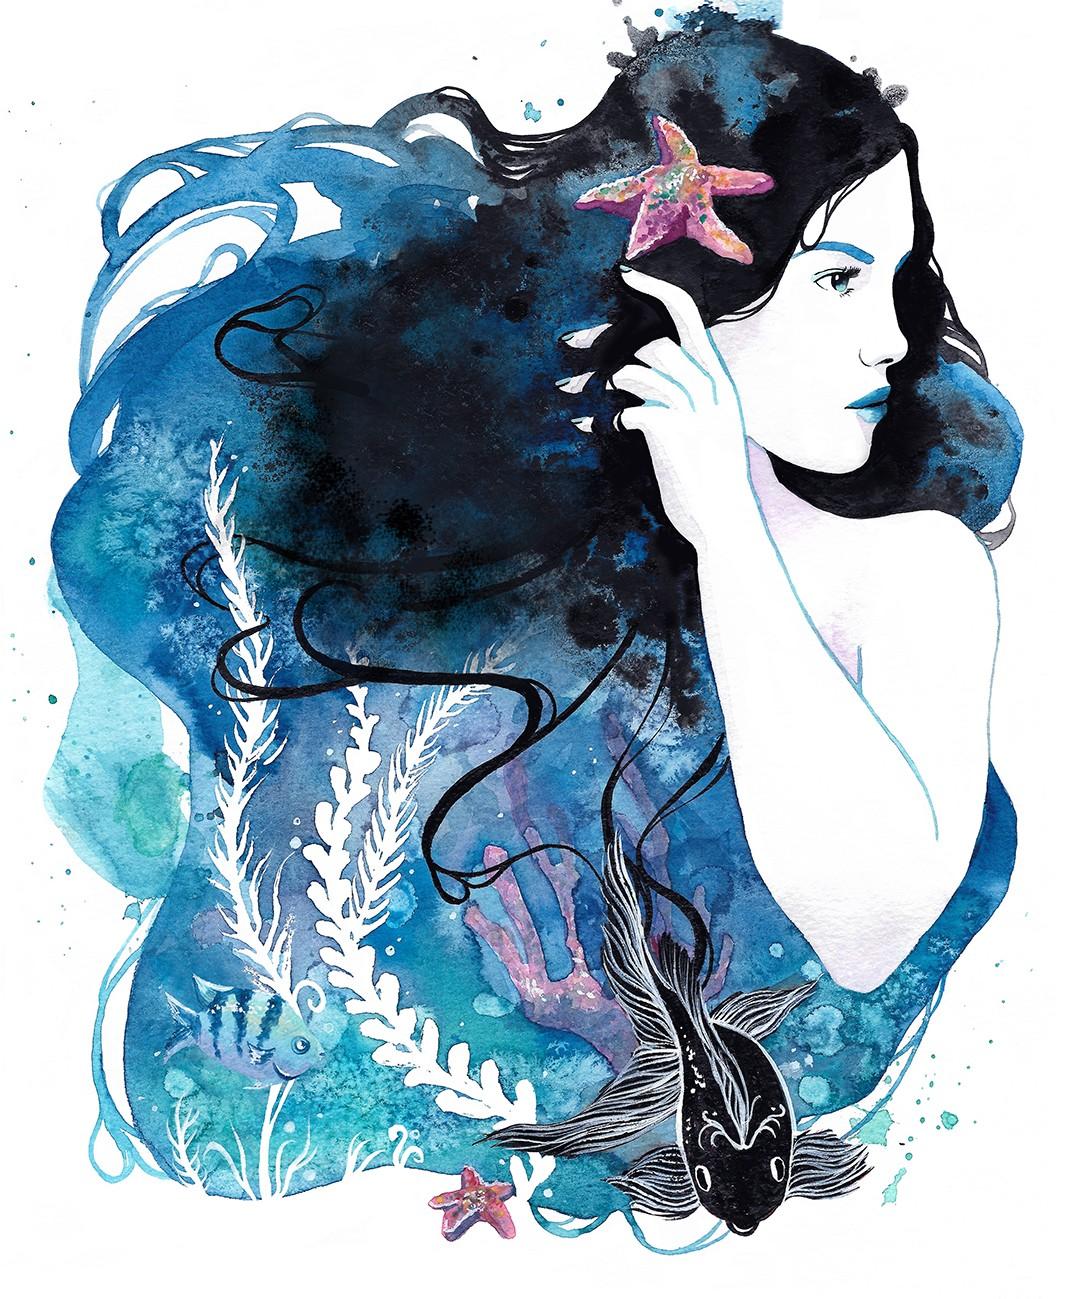 Ilustración Una ola con sabor a pez